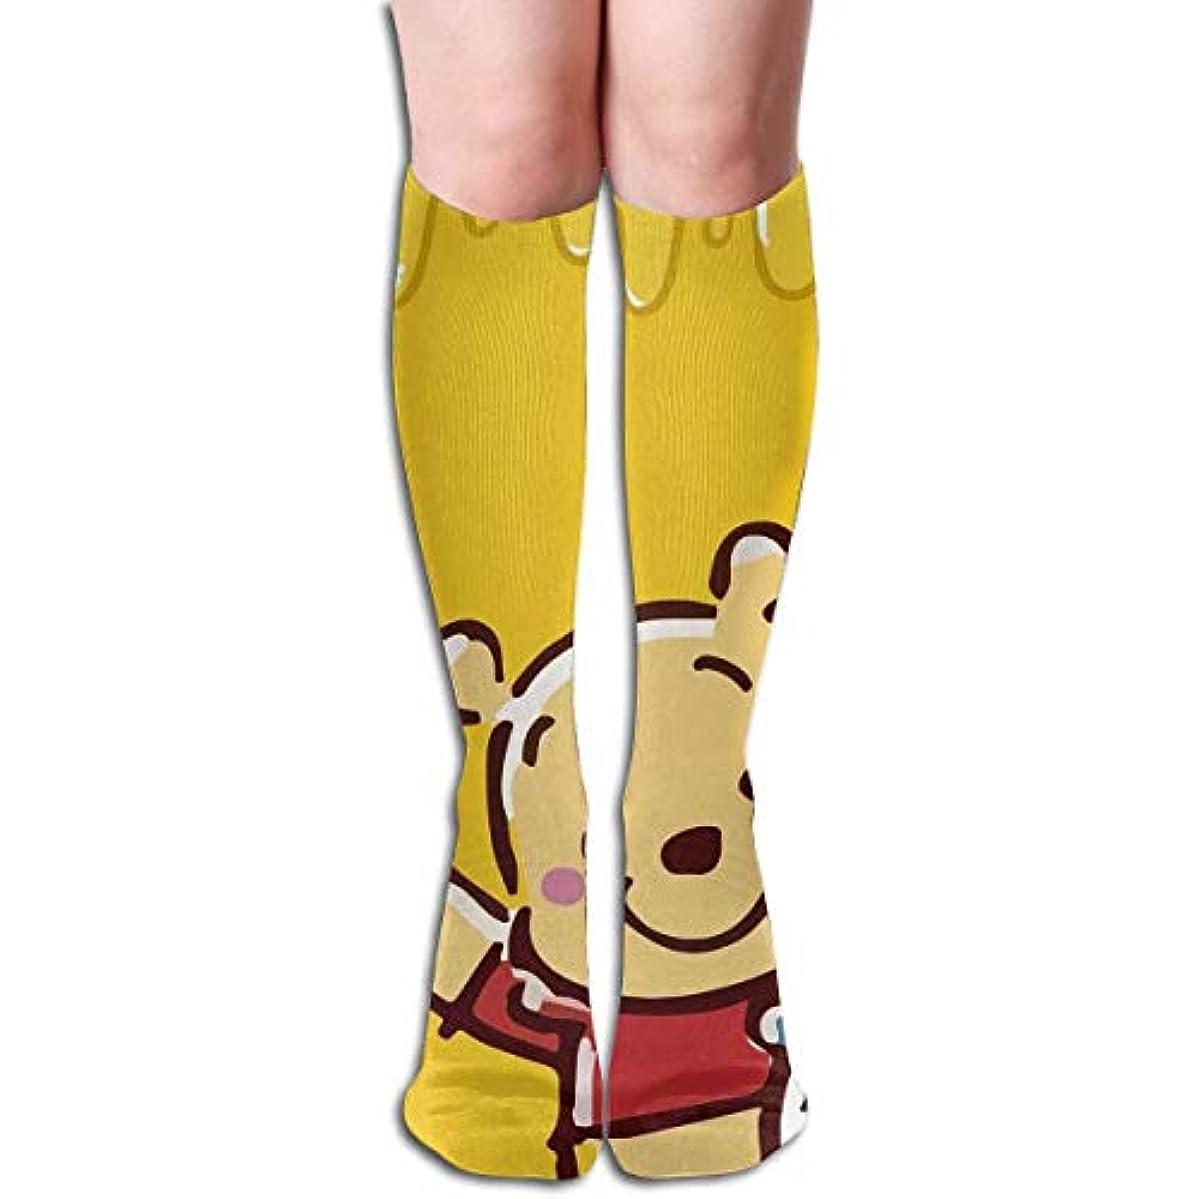 形成単に一緒ハニーチューブストッキングレディース冬冬暖かい膝ハイソックスブーツ靴下で